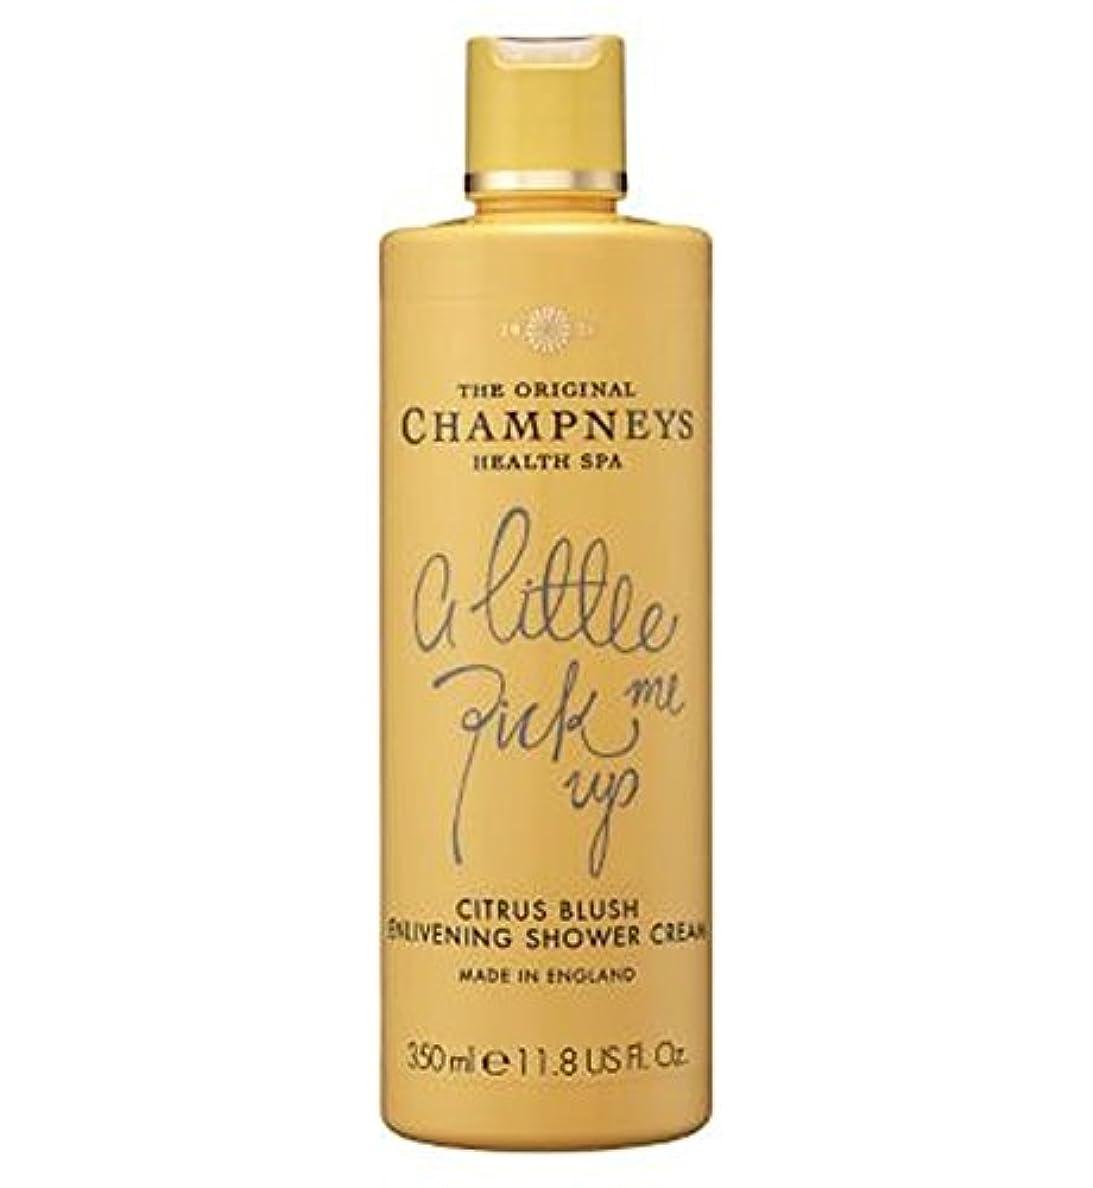 リズム彼らはトランクライブラリChampneys Citrus Blush Enlivening Shower Cream 350ml - チャンプニーズシトラス赤面盛り上げシャワークリーム350ミリリットル (Champneys) [並行輸入品]